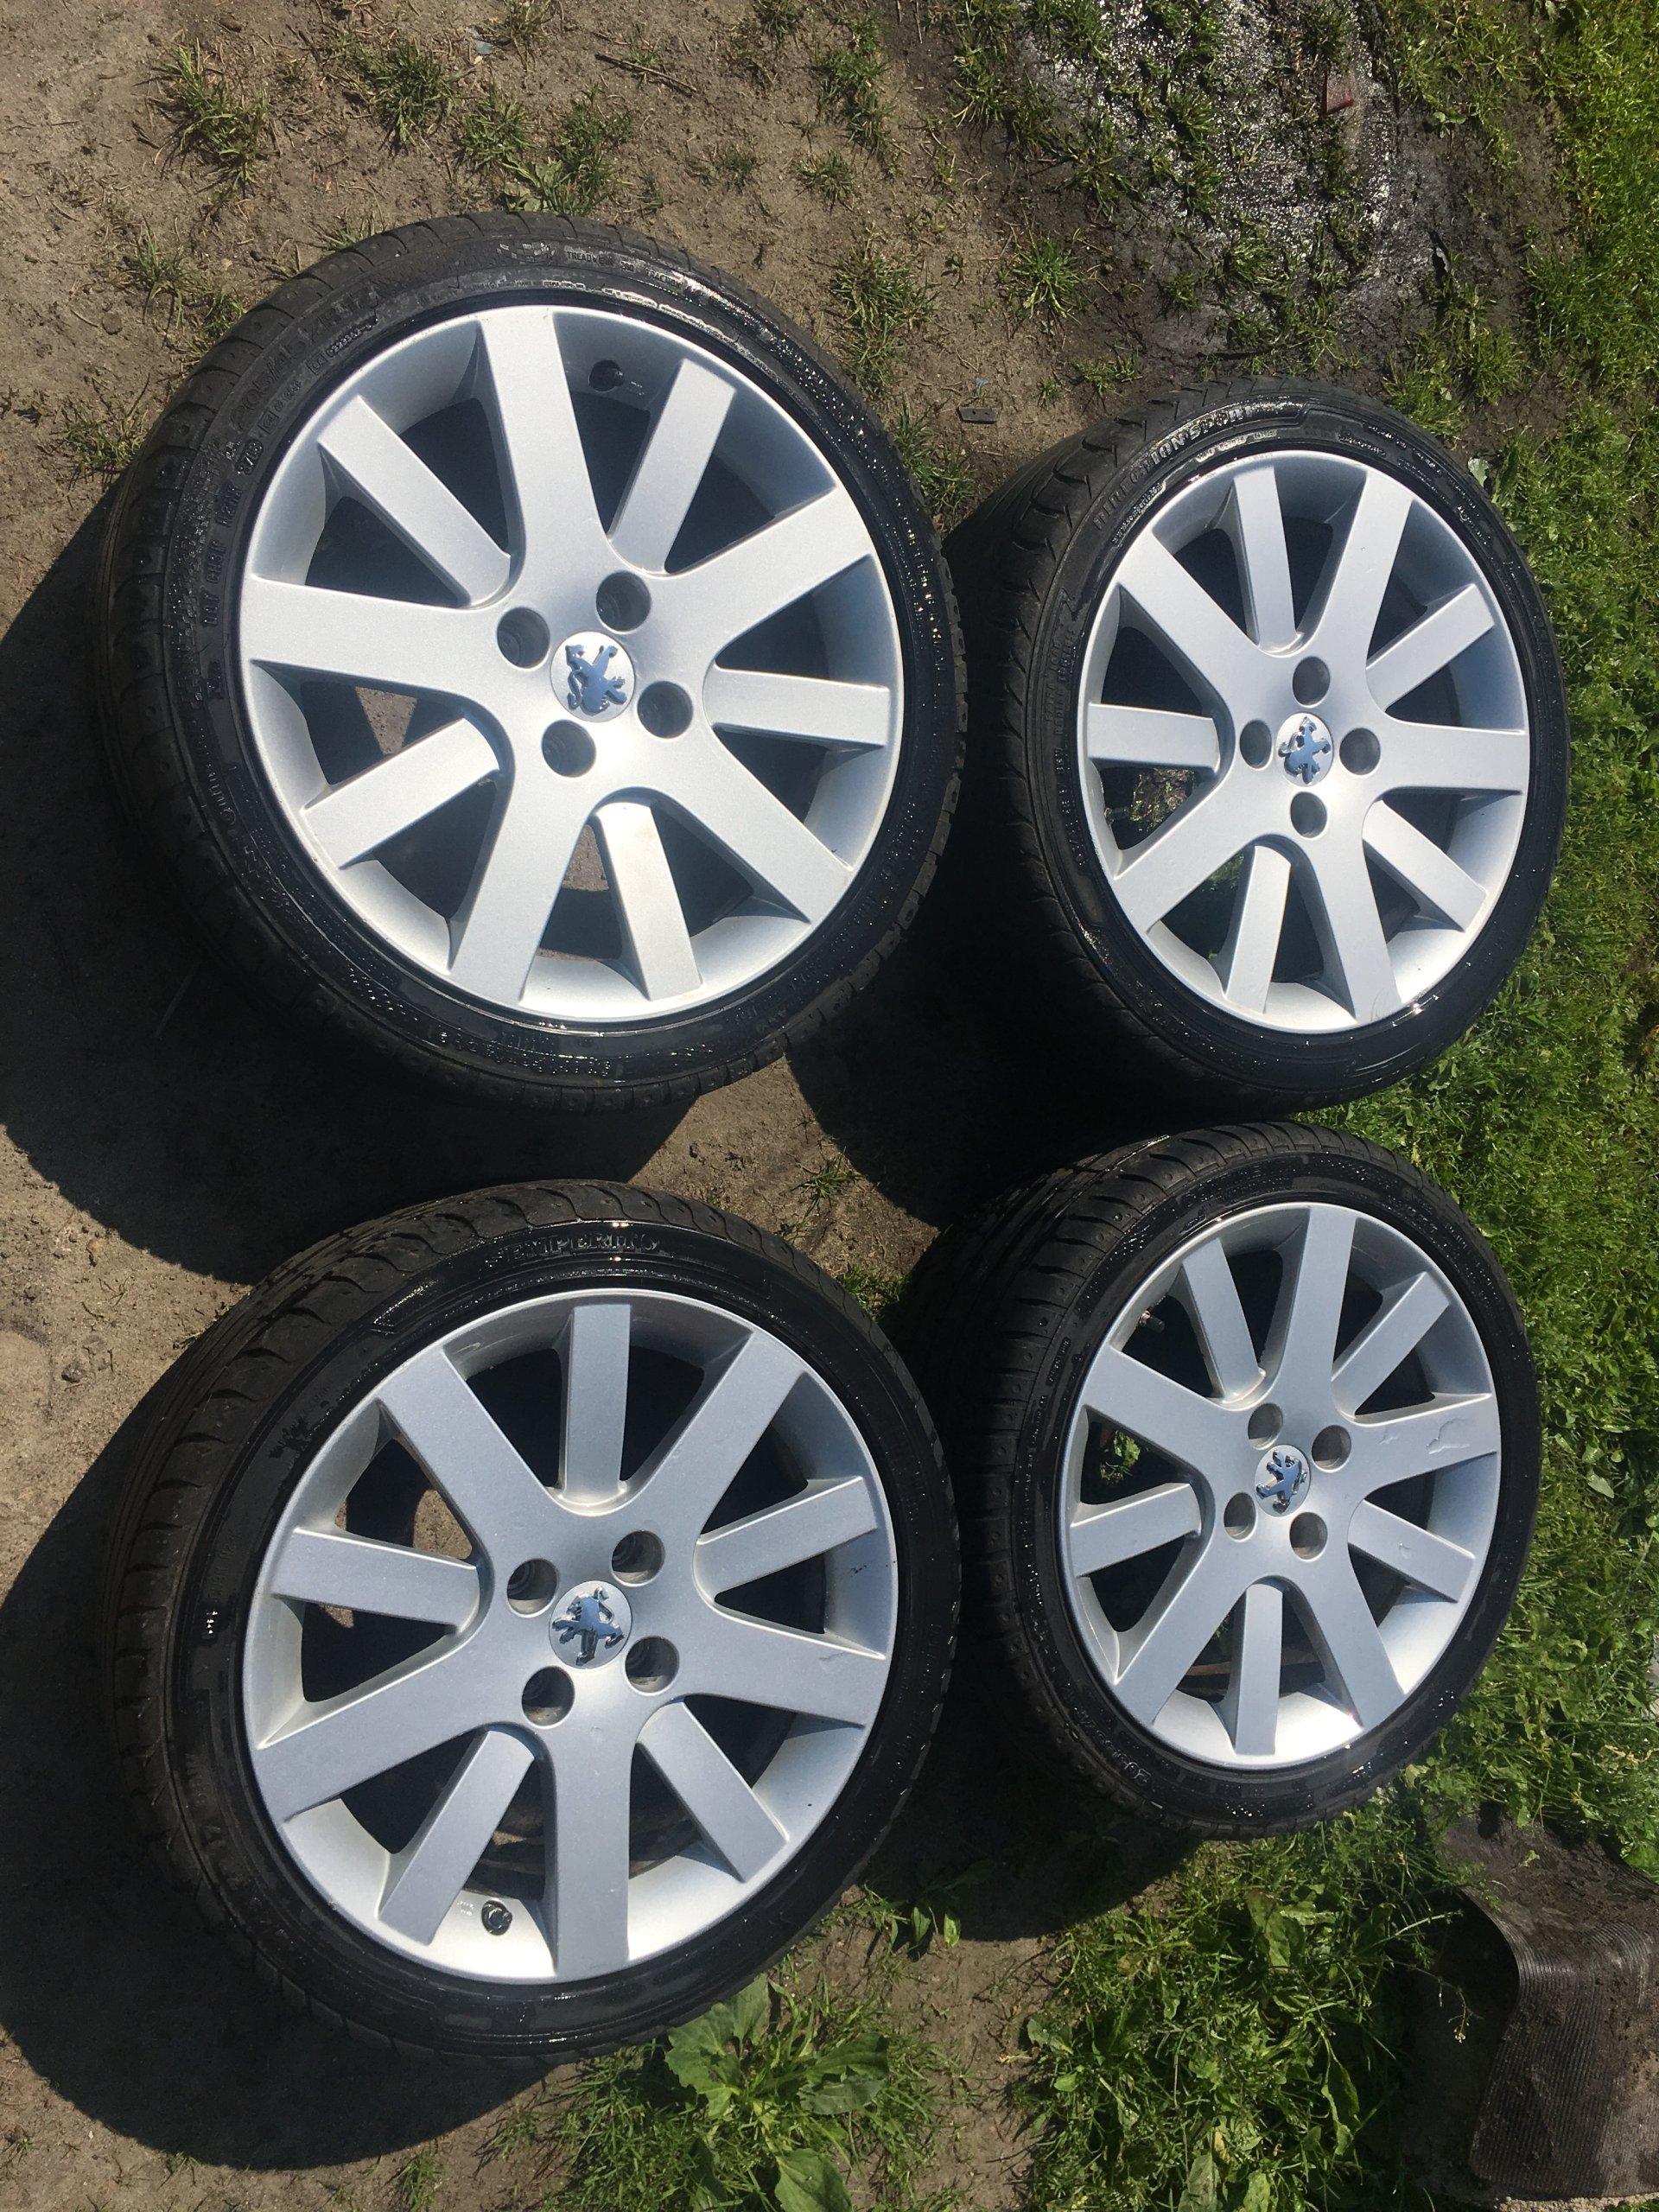 Koła Felgi 17 Opony Peugeot 207 307 308 20550r17 7408270475